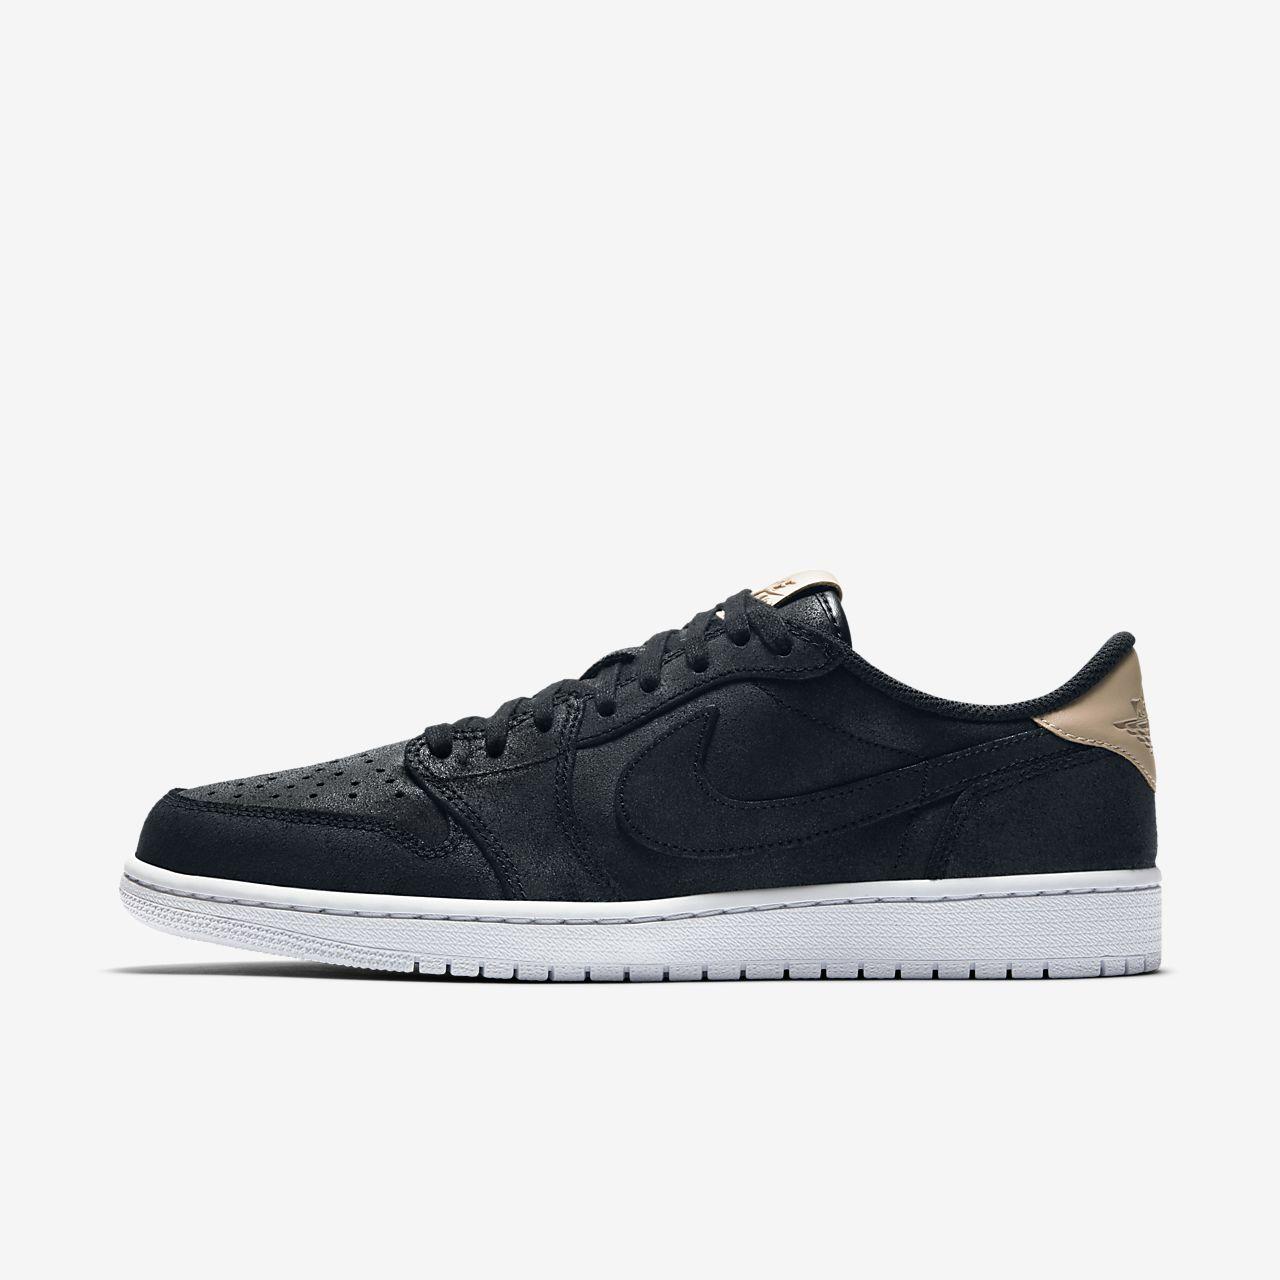 sneakers for cheap 56deb 0757f ... norway italy air jordan 1 retro low og premium sko til mænd 93b6b df5f8  feec4 d848f